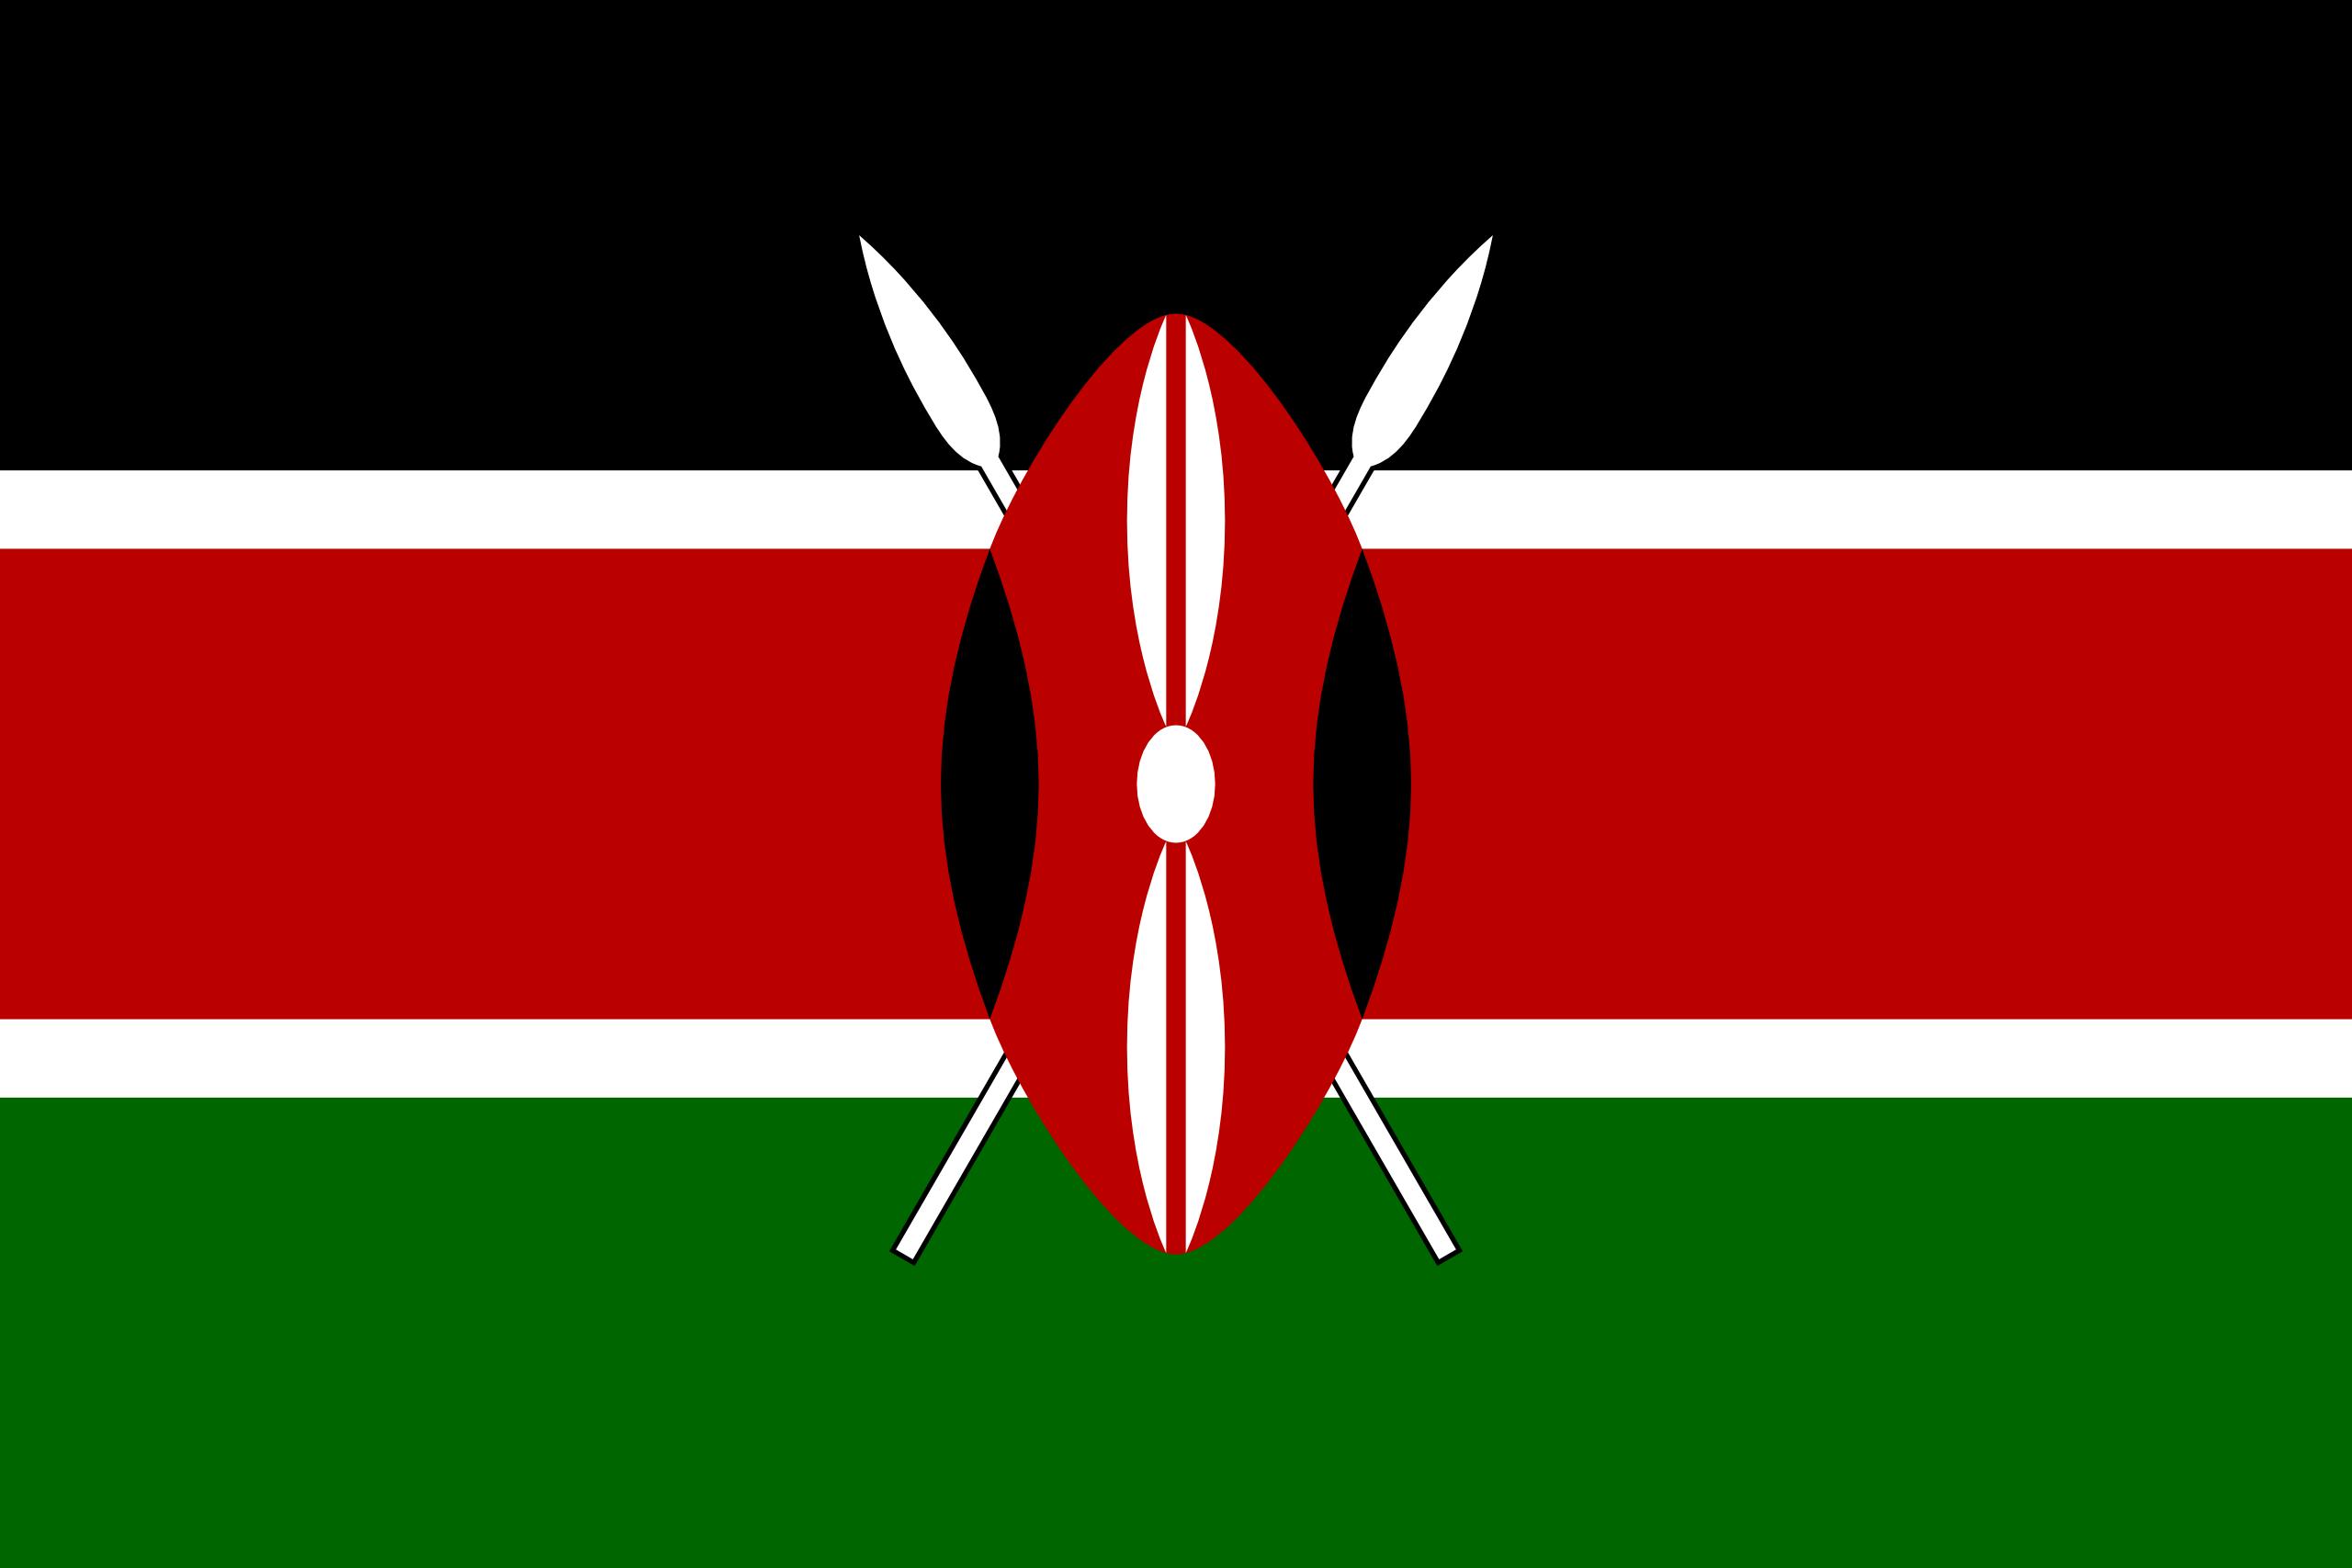 kenia, país, emblema, insignia, símbolo - Fondos de Pantalla HD - professor-falken.com